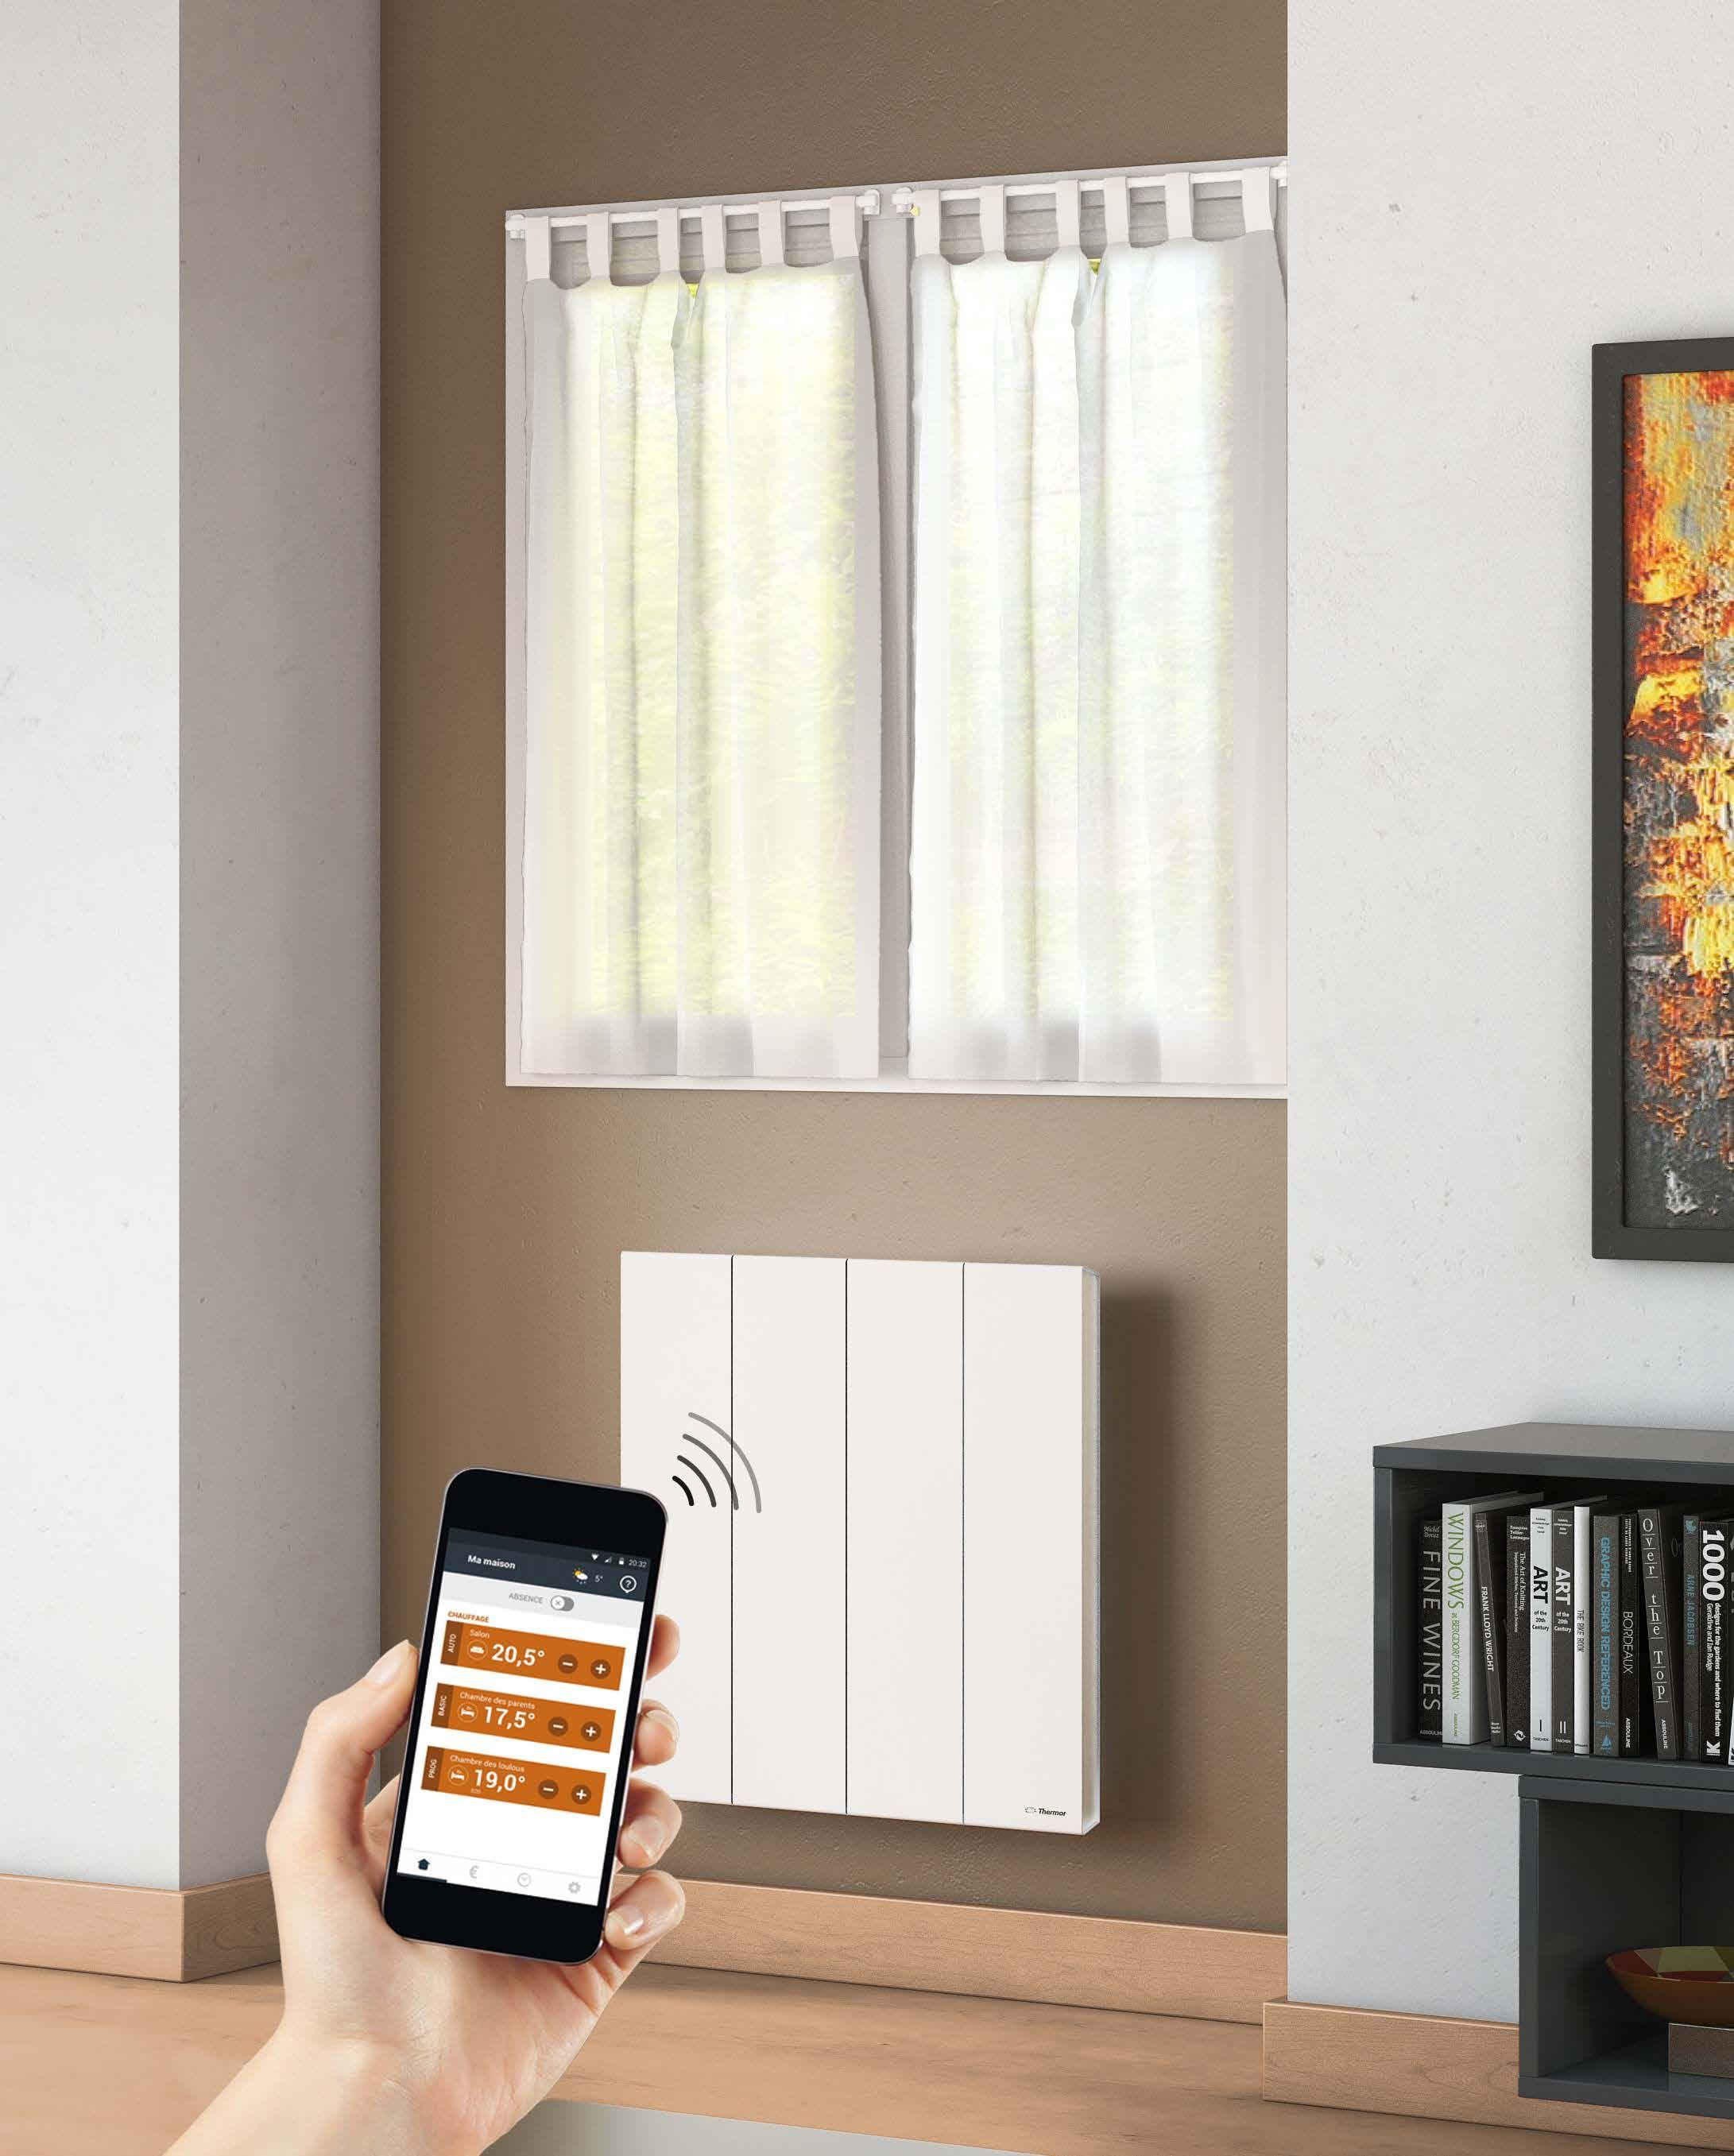 Un r�glage simple et rapide de vos radiateurs �lectriques Thermor depuis votre t�l�phone #domotique